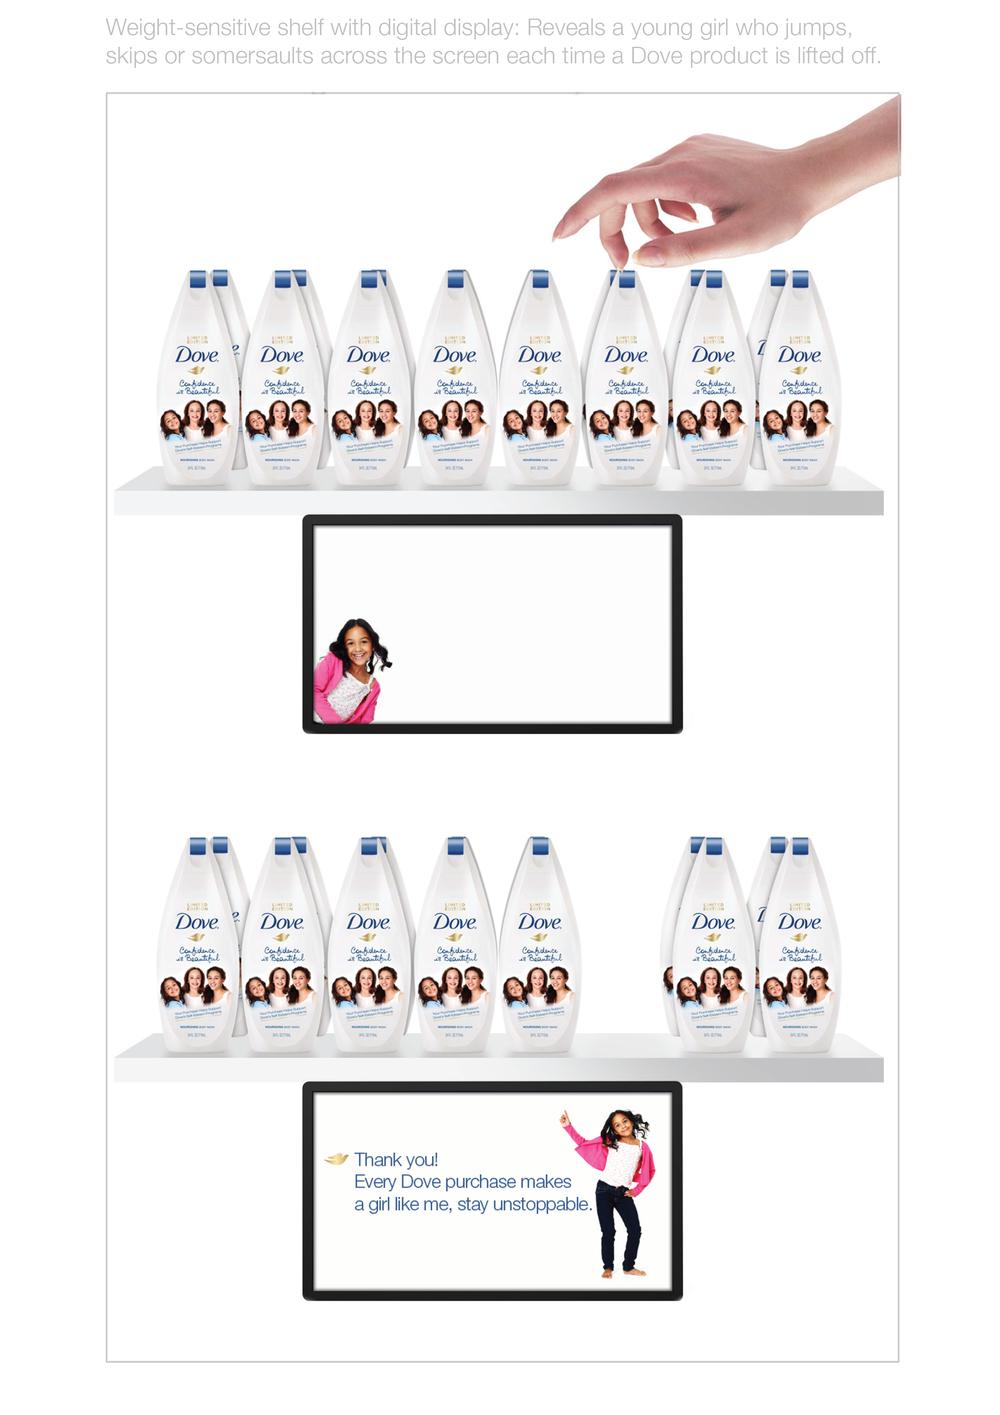 weight sensitive shelf.jpg